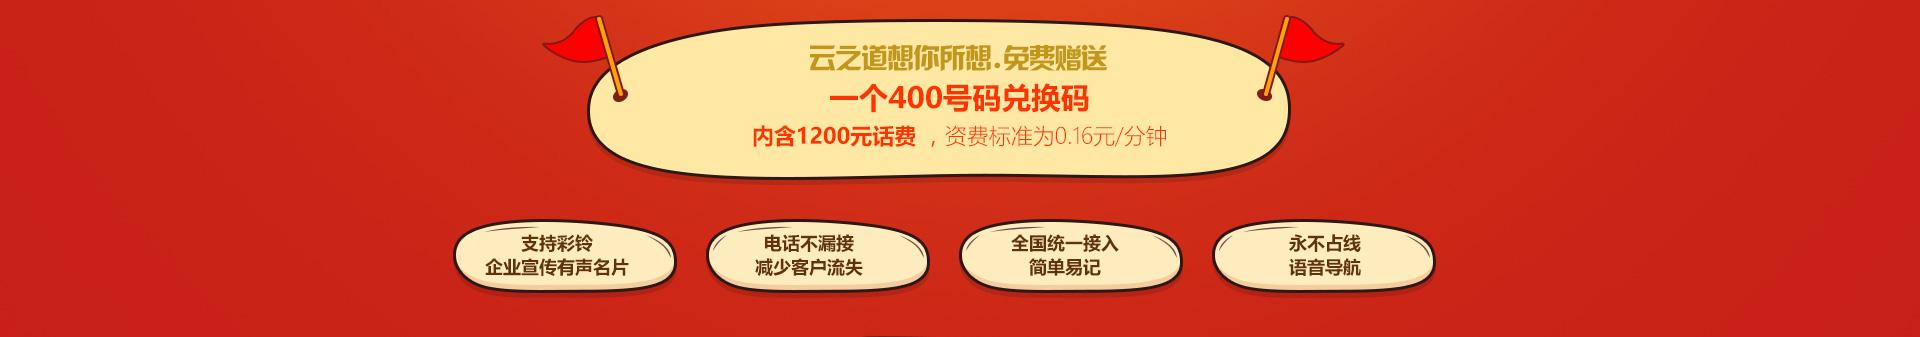 400,400电话,400电话办理,400电话申请